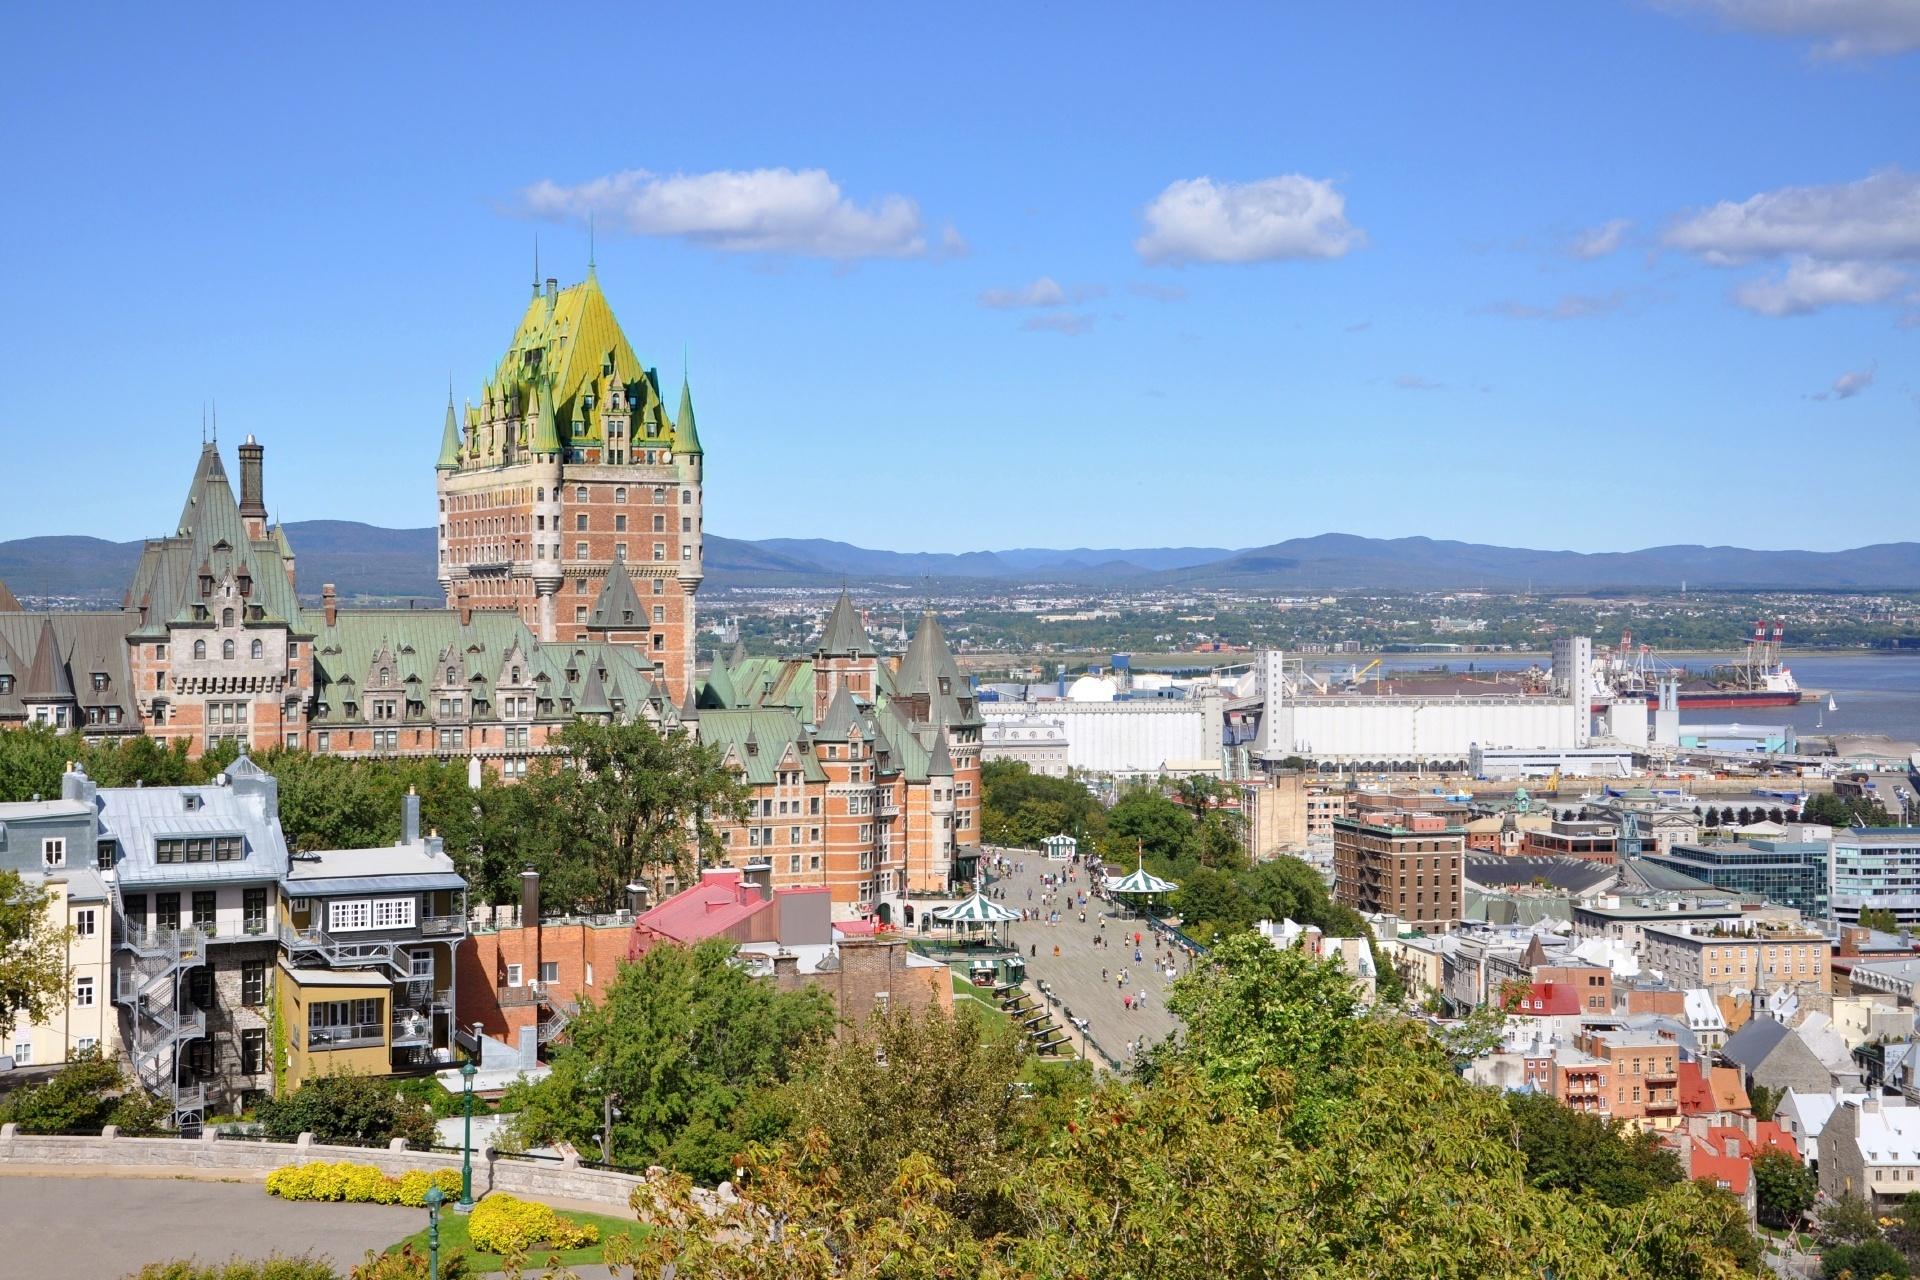 シタデル から見るケベックの町並み カナダの風景